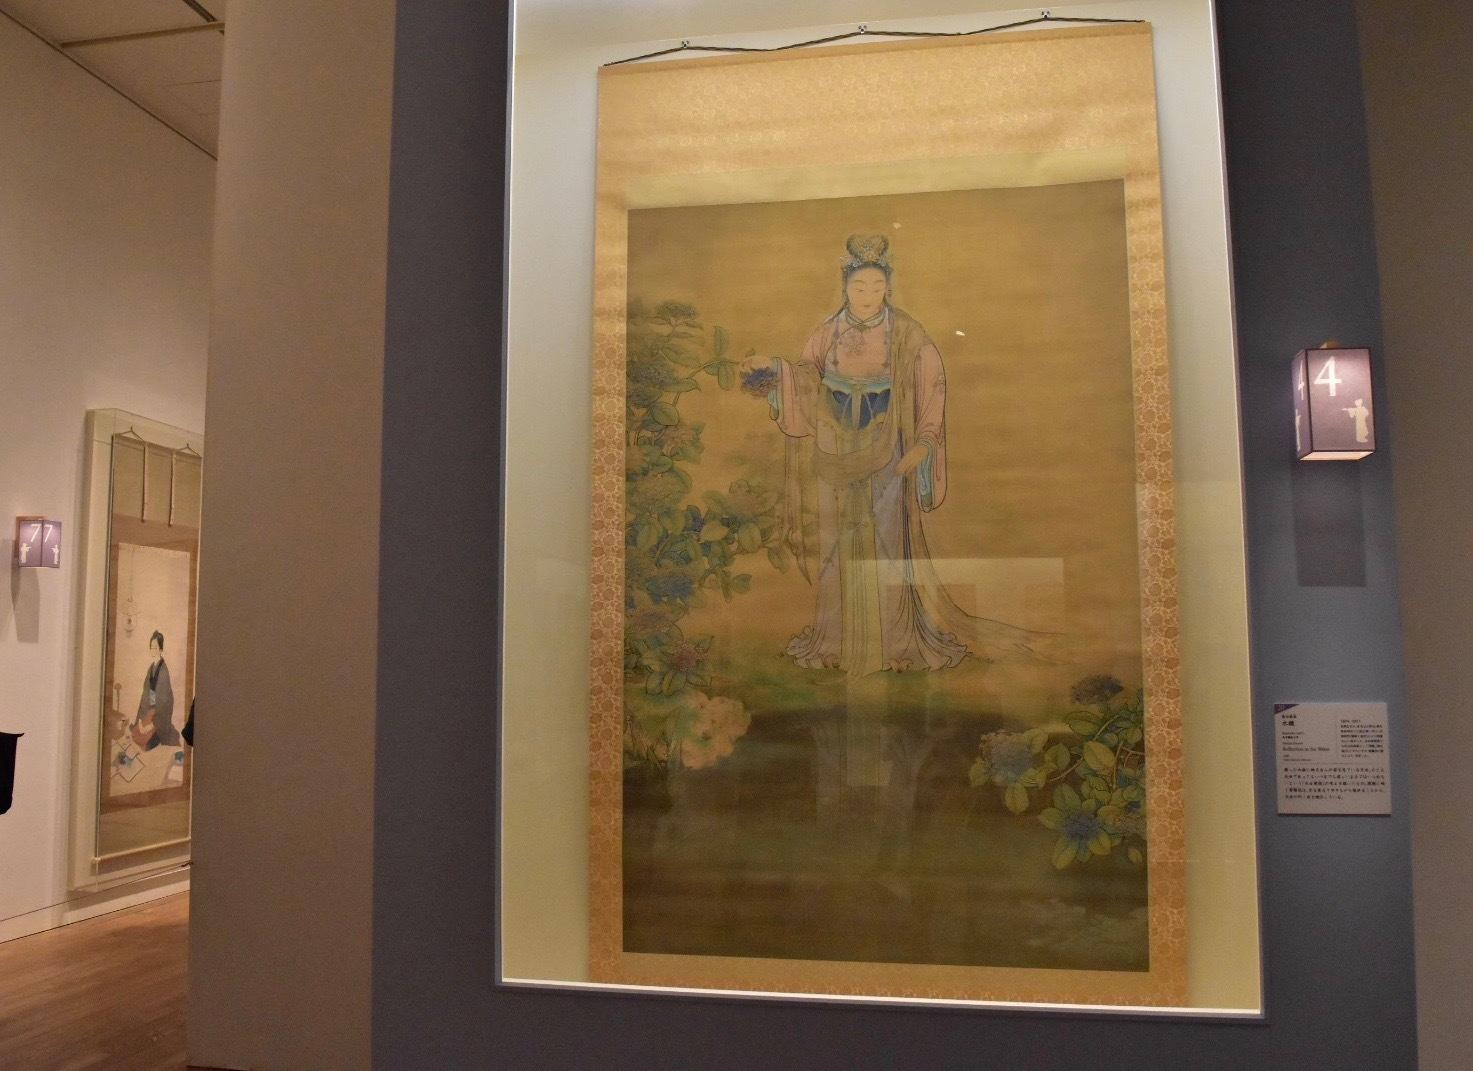 菱田春草 《水鏡》 明治30年 東京藝術大学蔵